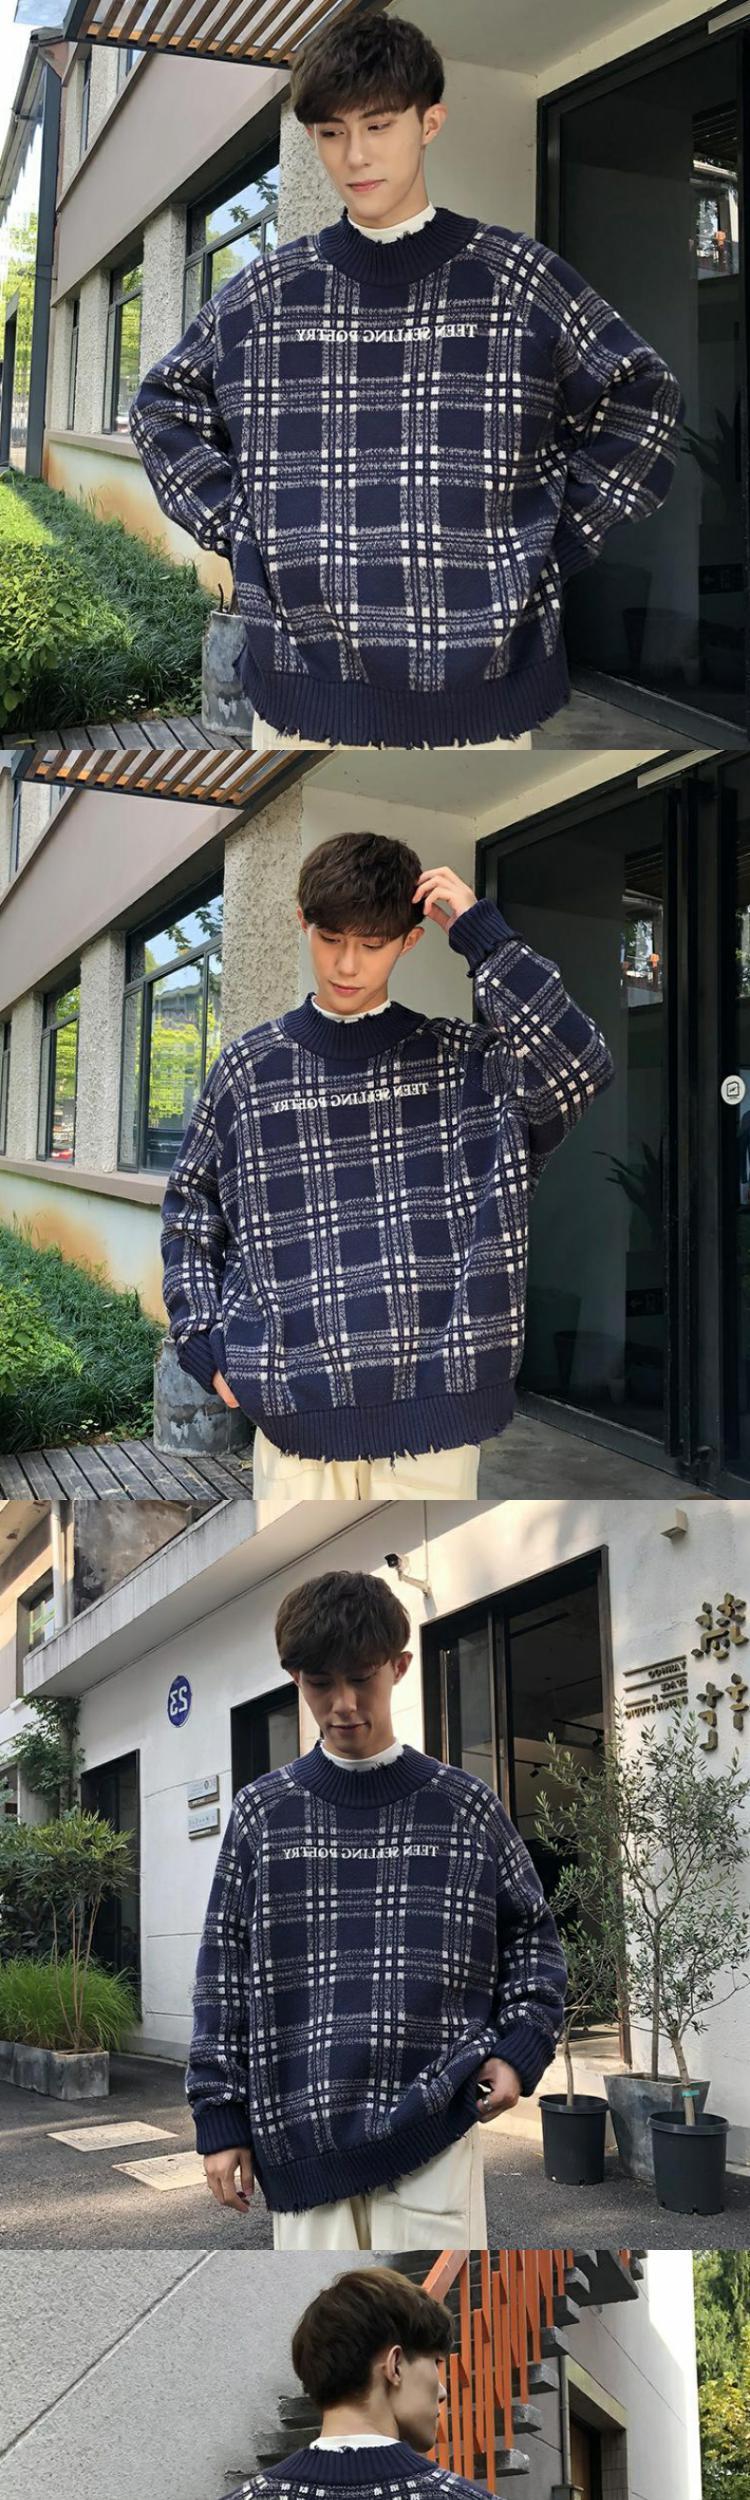 Áo len nam mùa thu và mùa đông ấm áp nam sinh viên Quần áo thời trang Hàn Quốc áo len dài tay áo len. - Cardigan